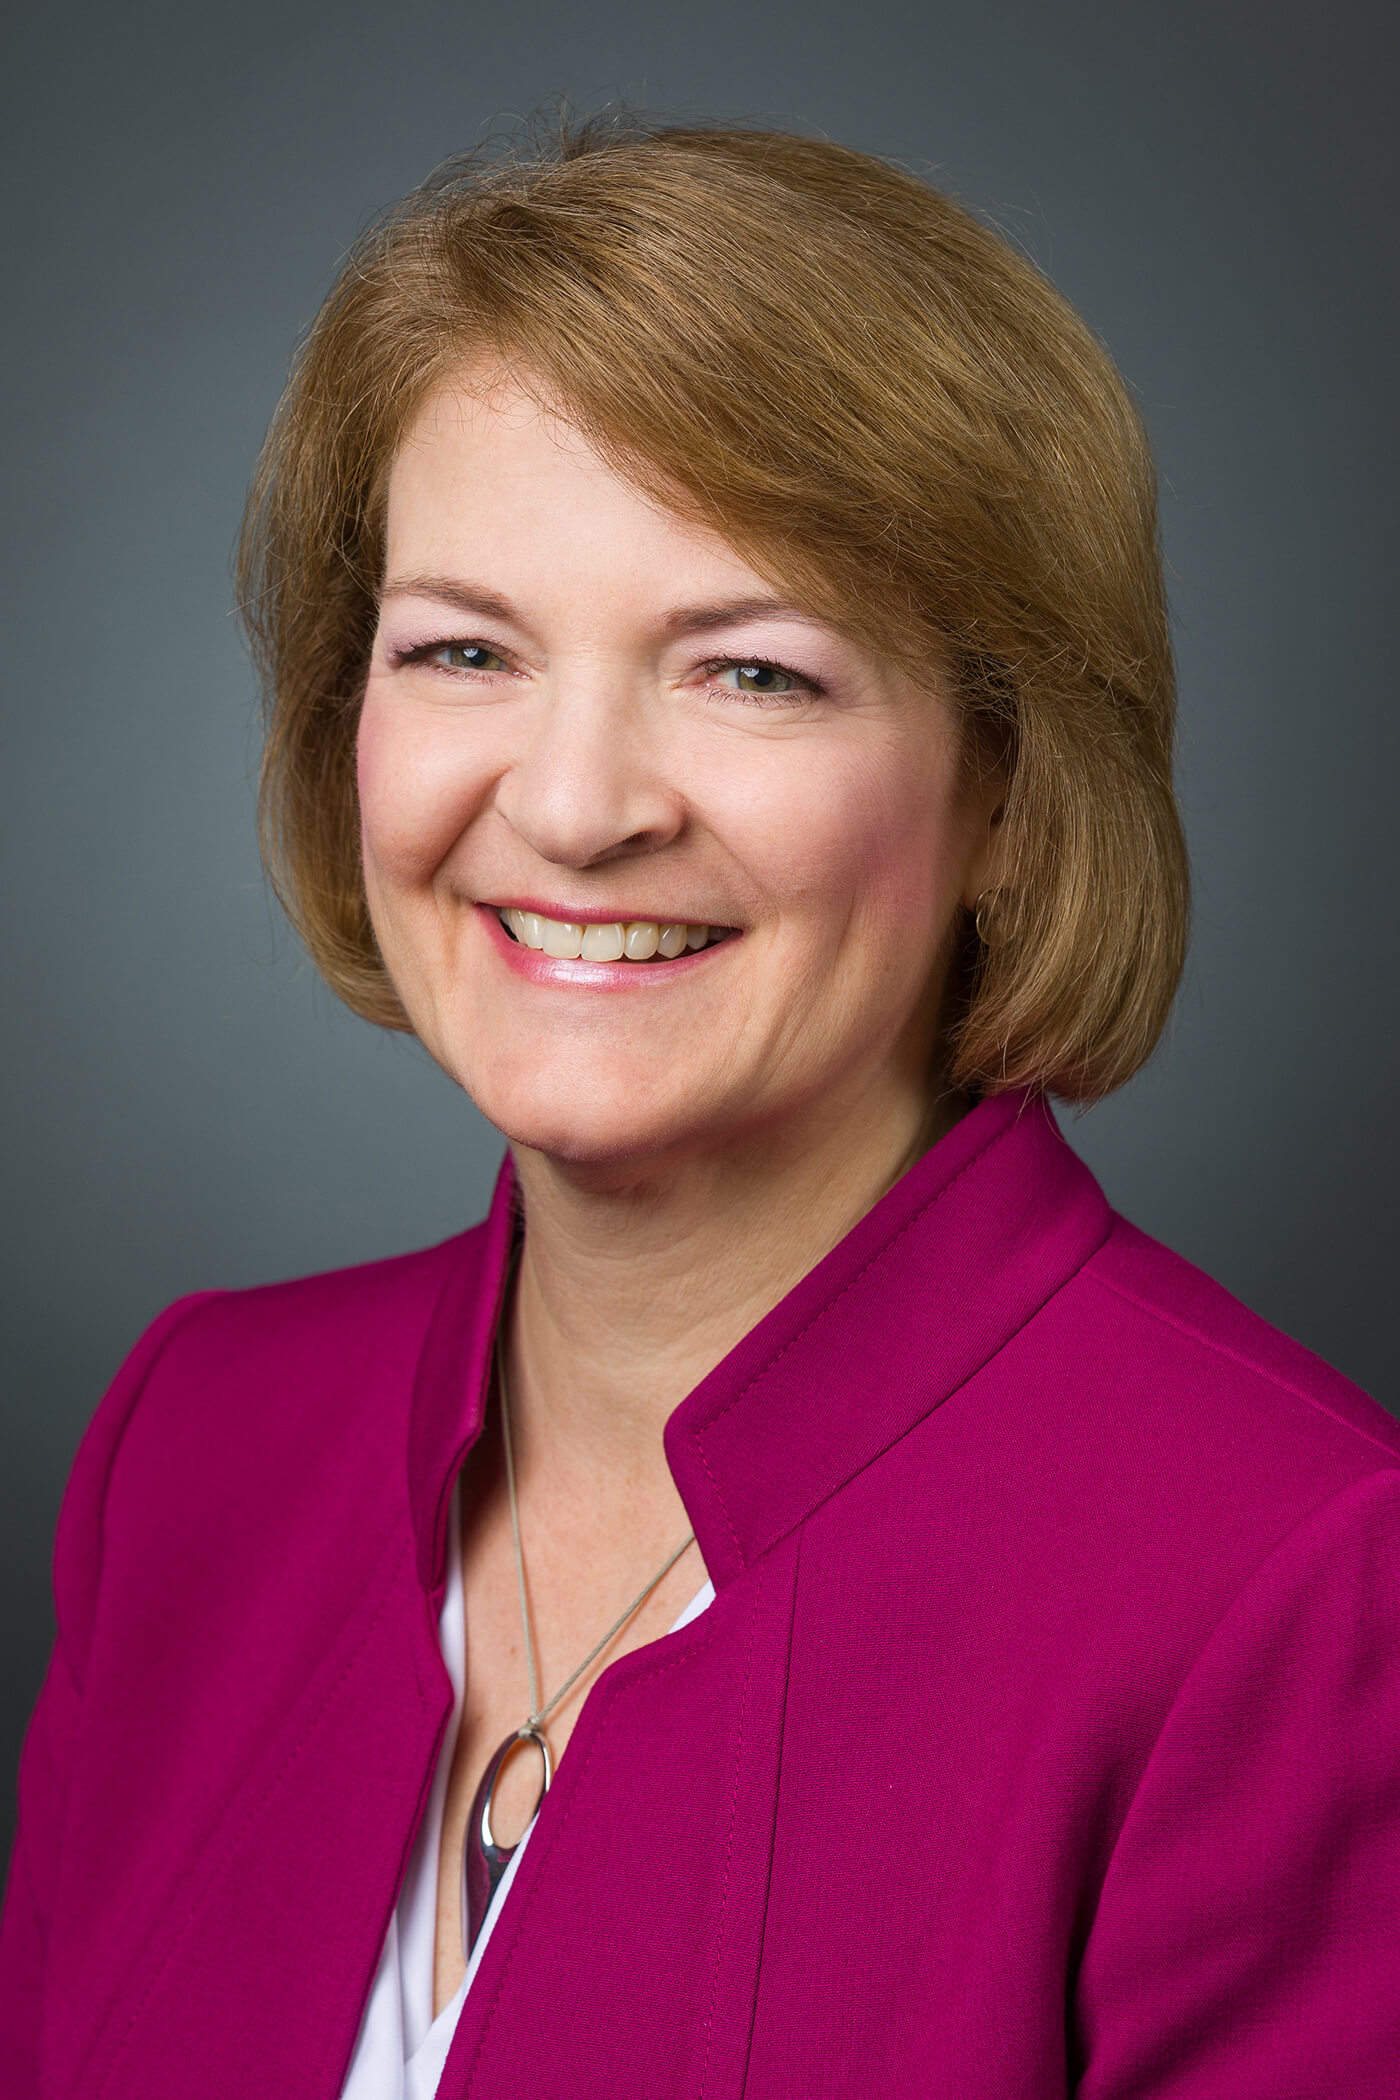 Karen M. Thomas